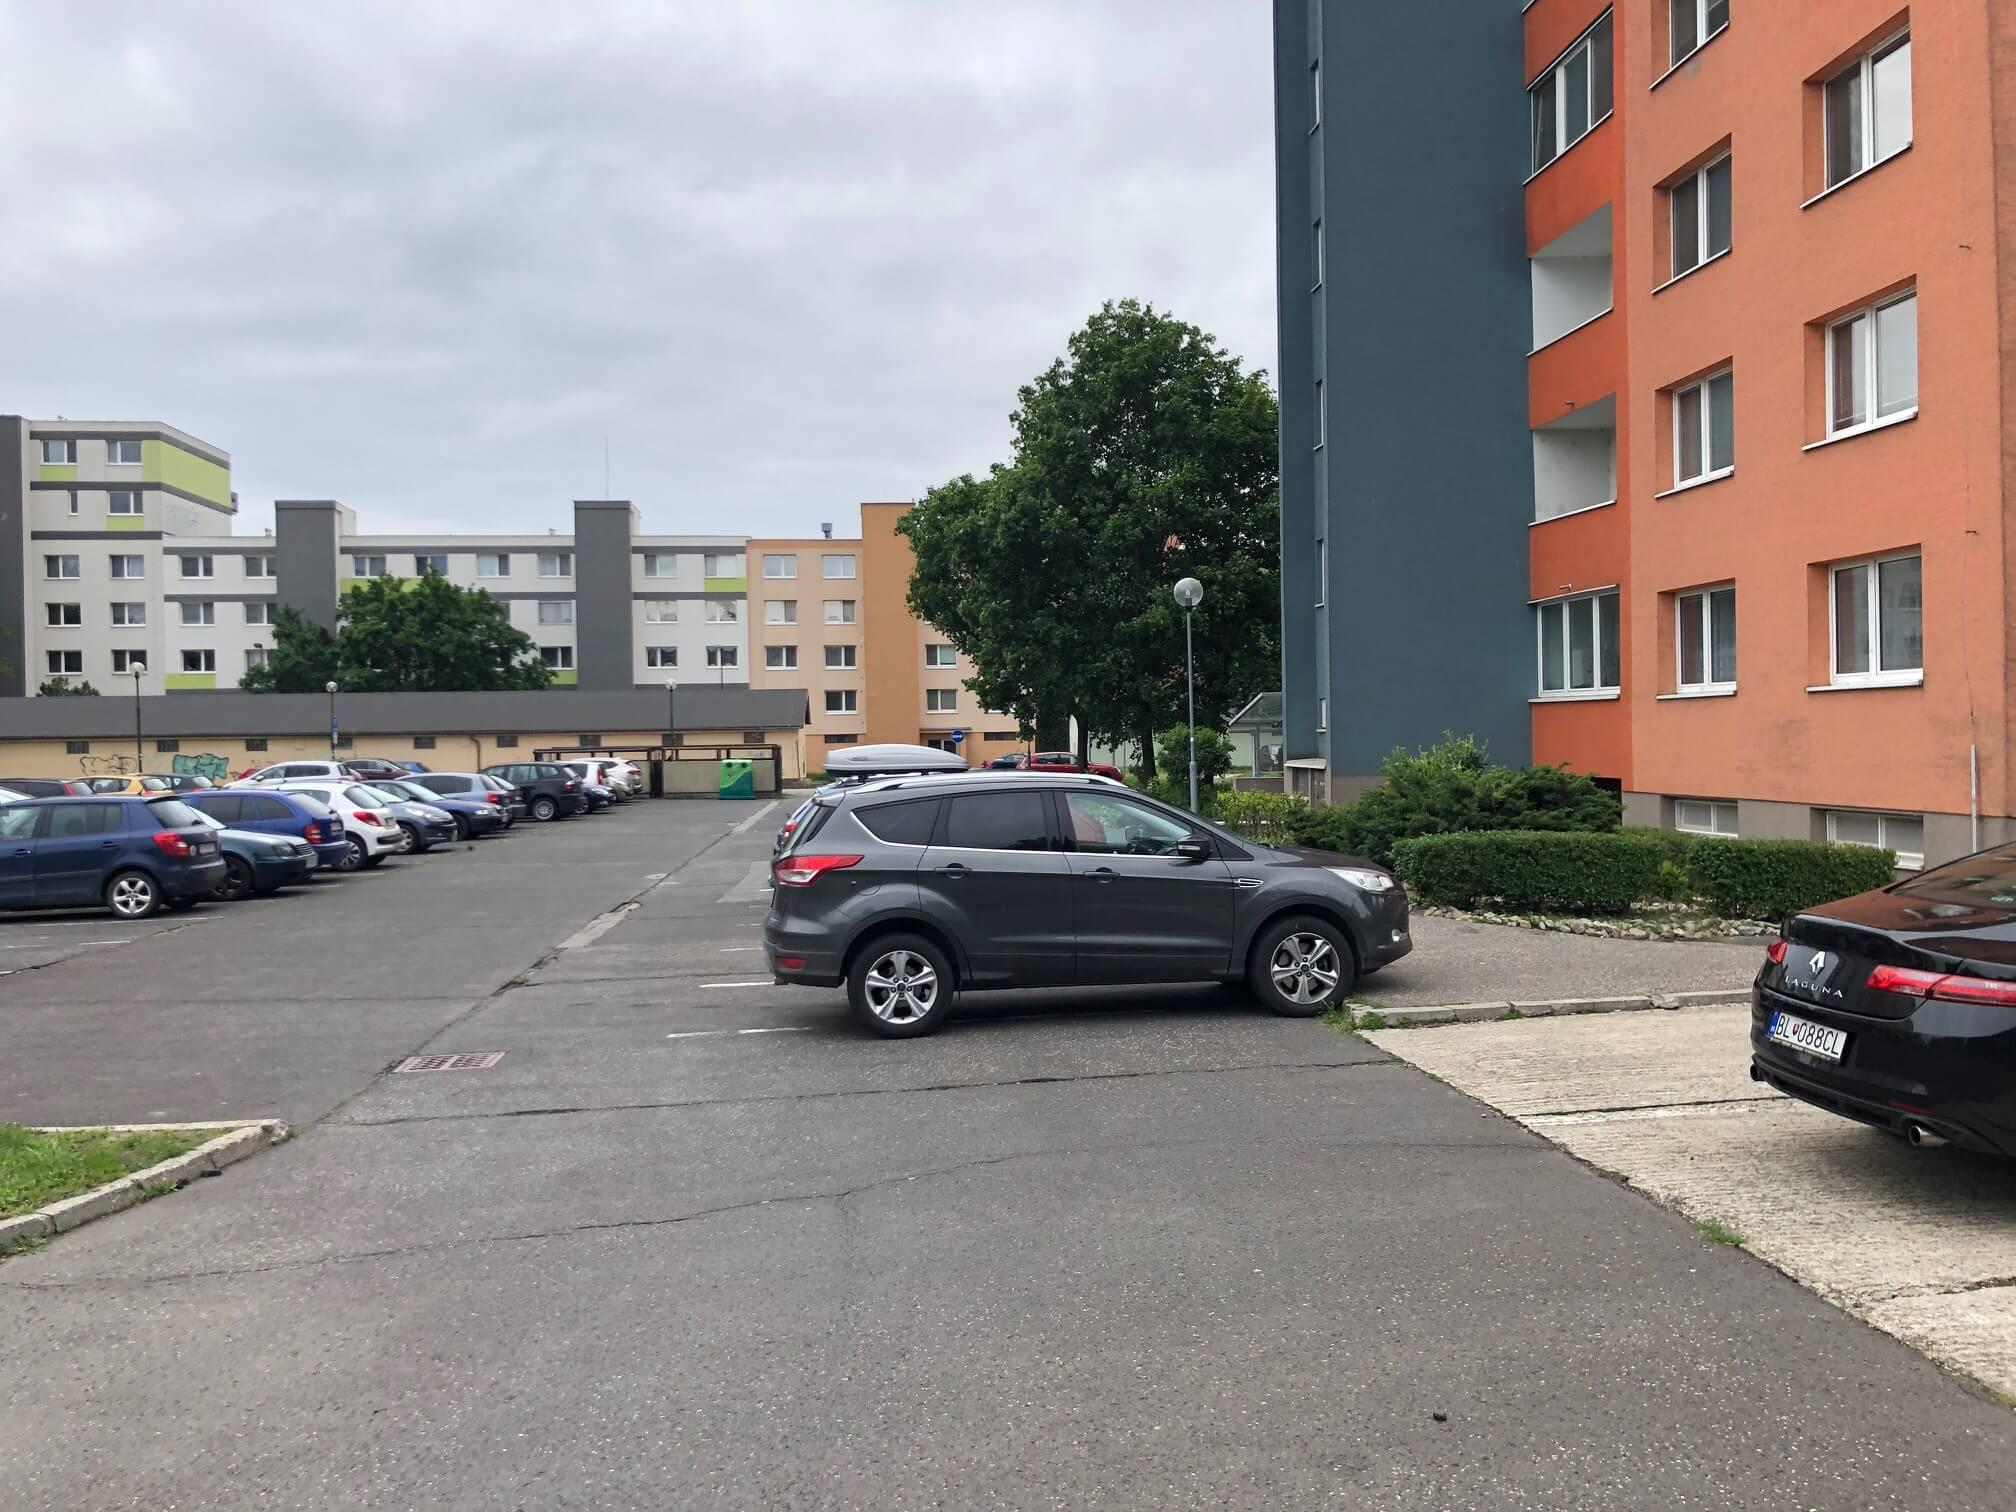 Predaný: 1 izbový byt, Ipeľská, Bratislava, 38m2, nízke náklady, parkovanie, vynikajúca občianska vybavenosť-24